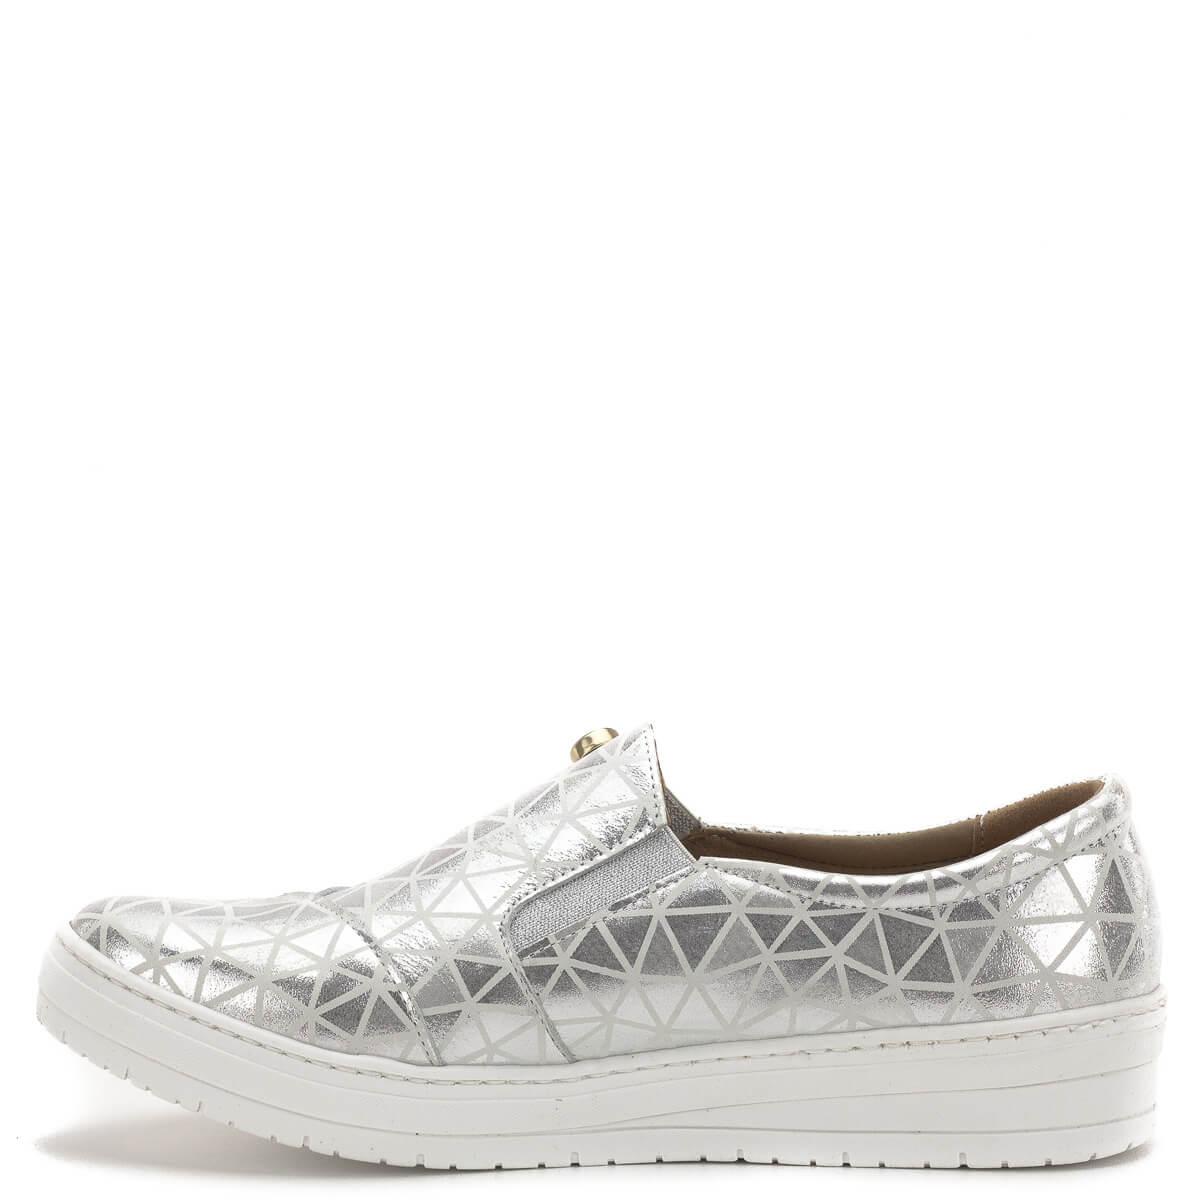 795e8eb7a5 ... Carla Ricci cipő, lábfejen zárt, gumi betéttel. Ezüst színű bőrből, bőr  béléssel